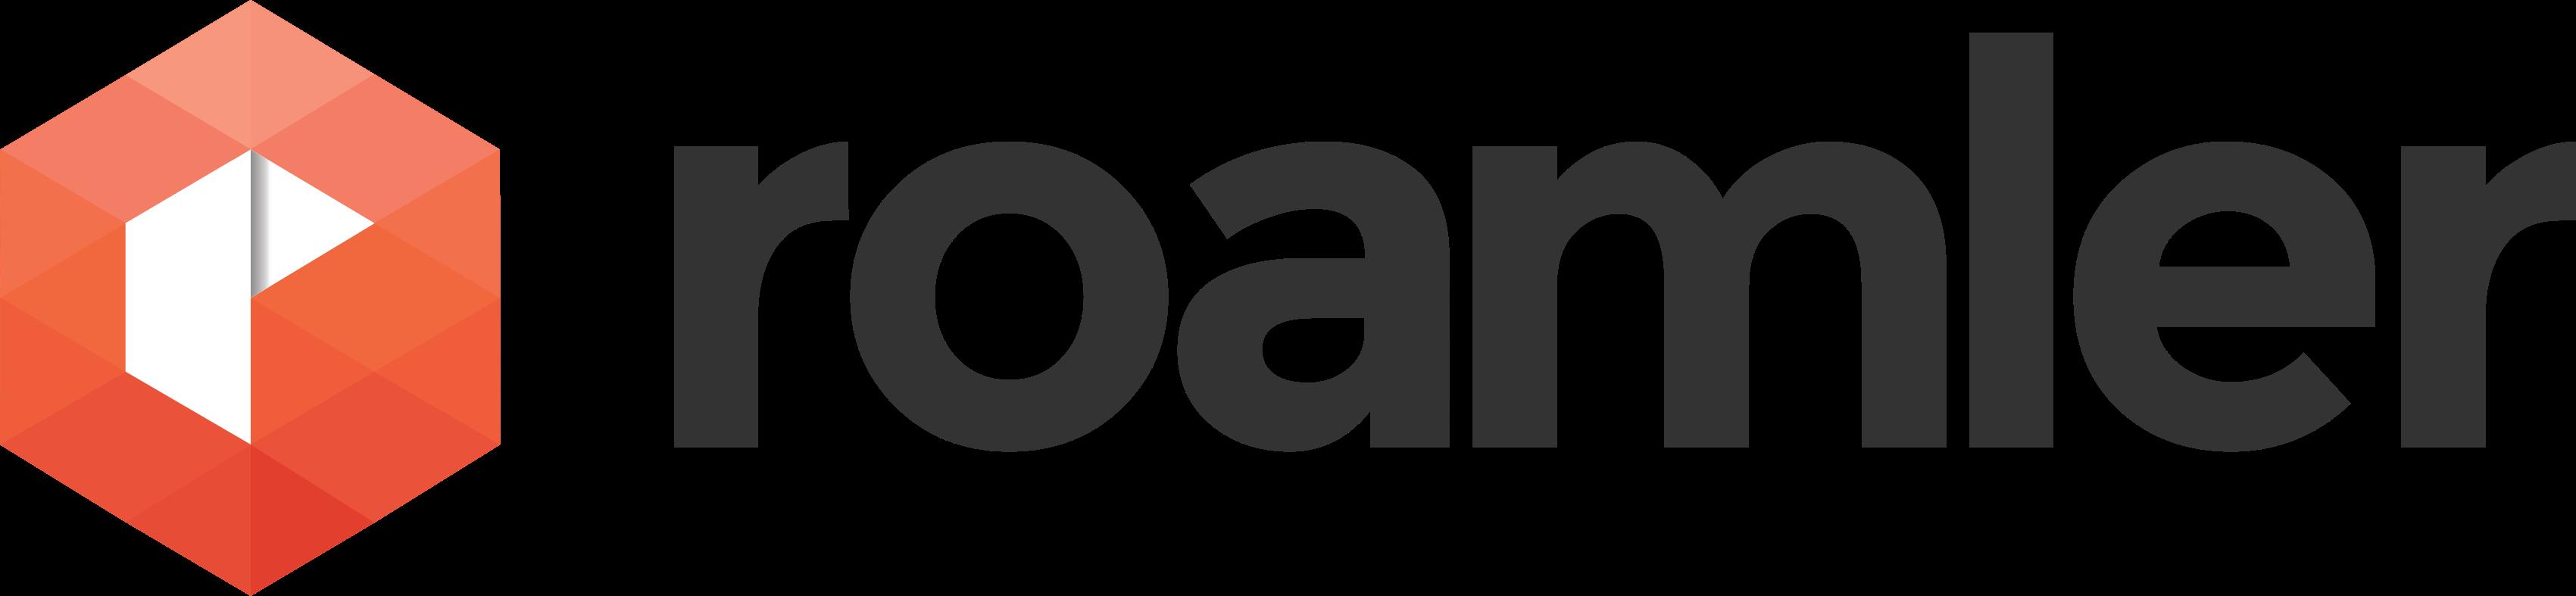 logo-roamler-main-15102f48afec6394db0c63386b0d72d9